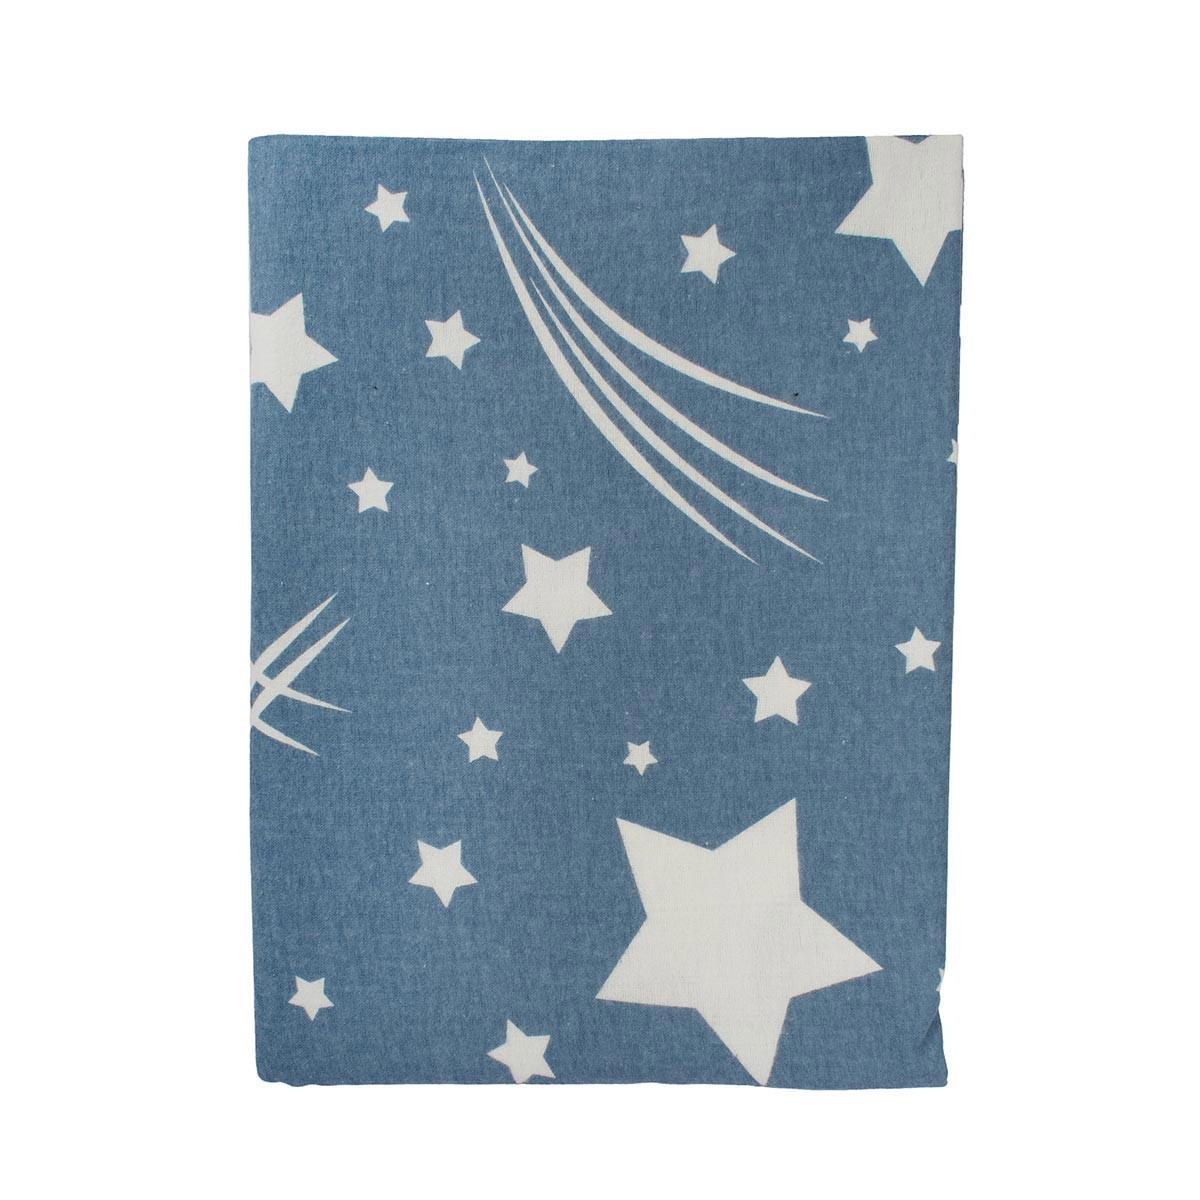 Φανελένια Σεντόνια Κούνιας (Σετ) Dimcol Star 37 Blue